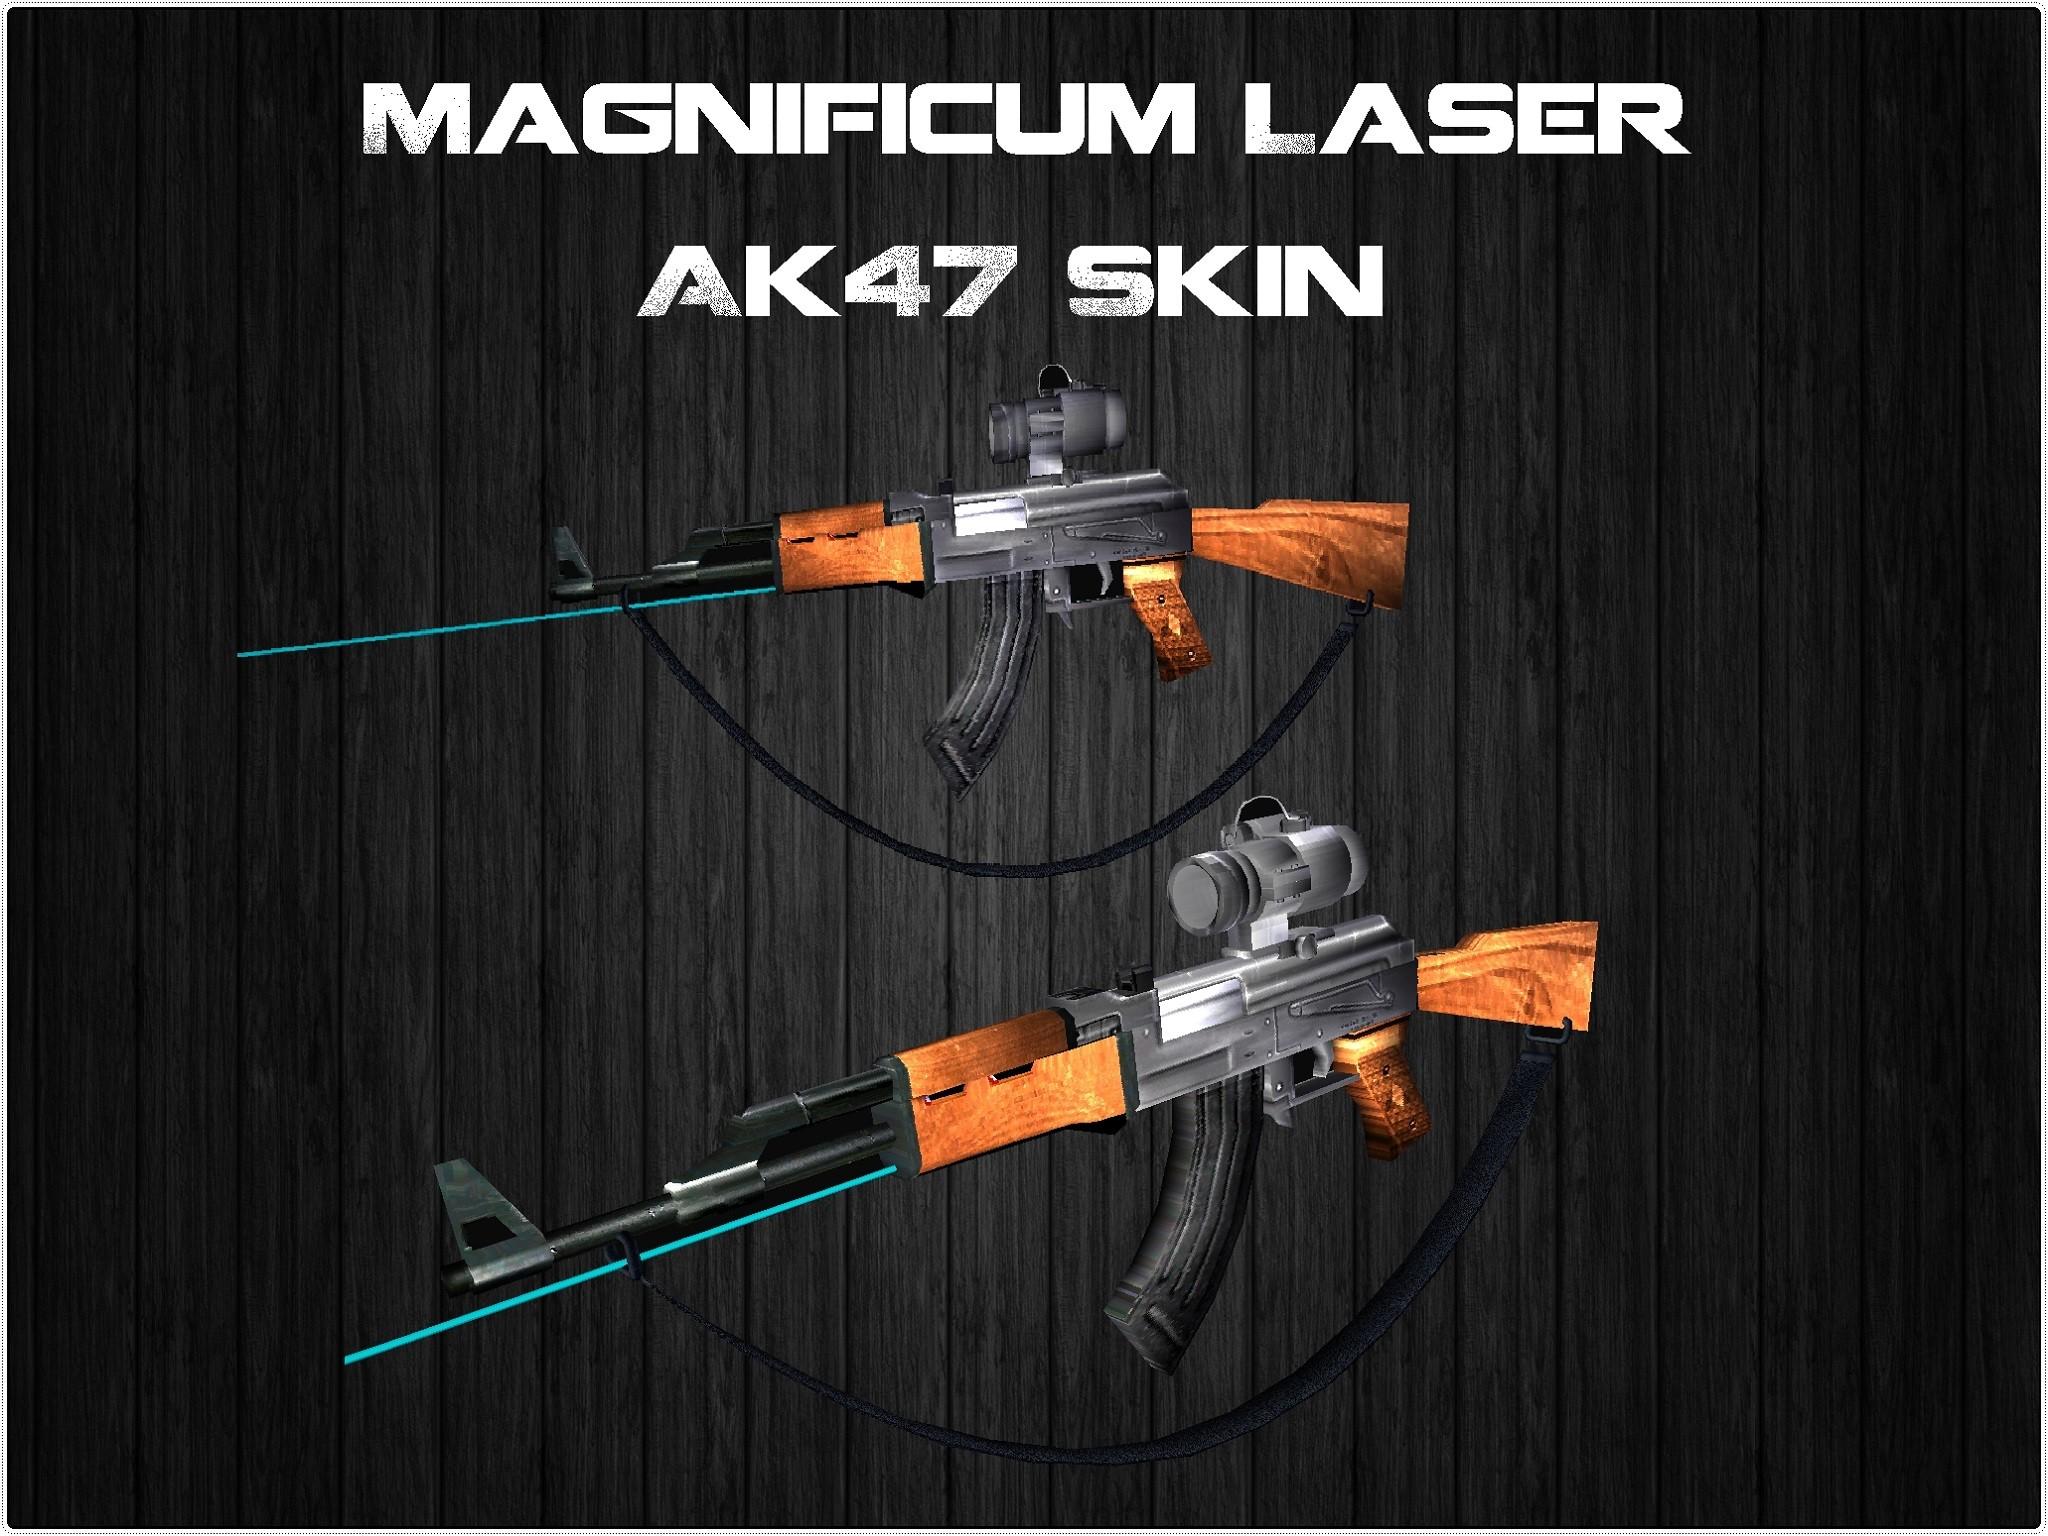 دانلود اسکین magnificum laser برای AK47